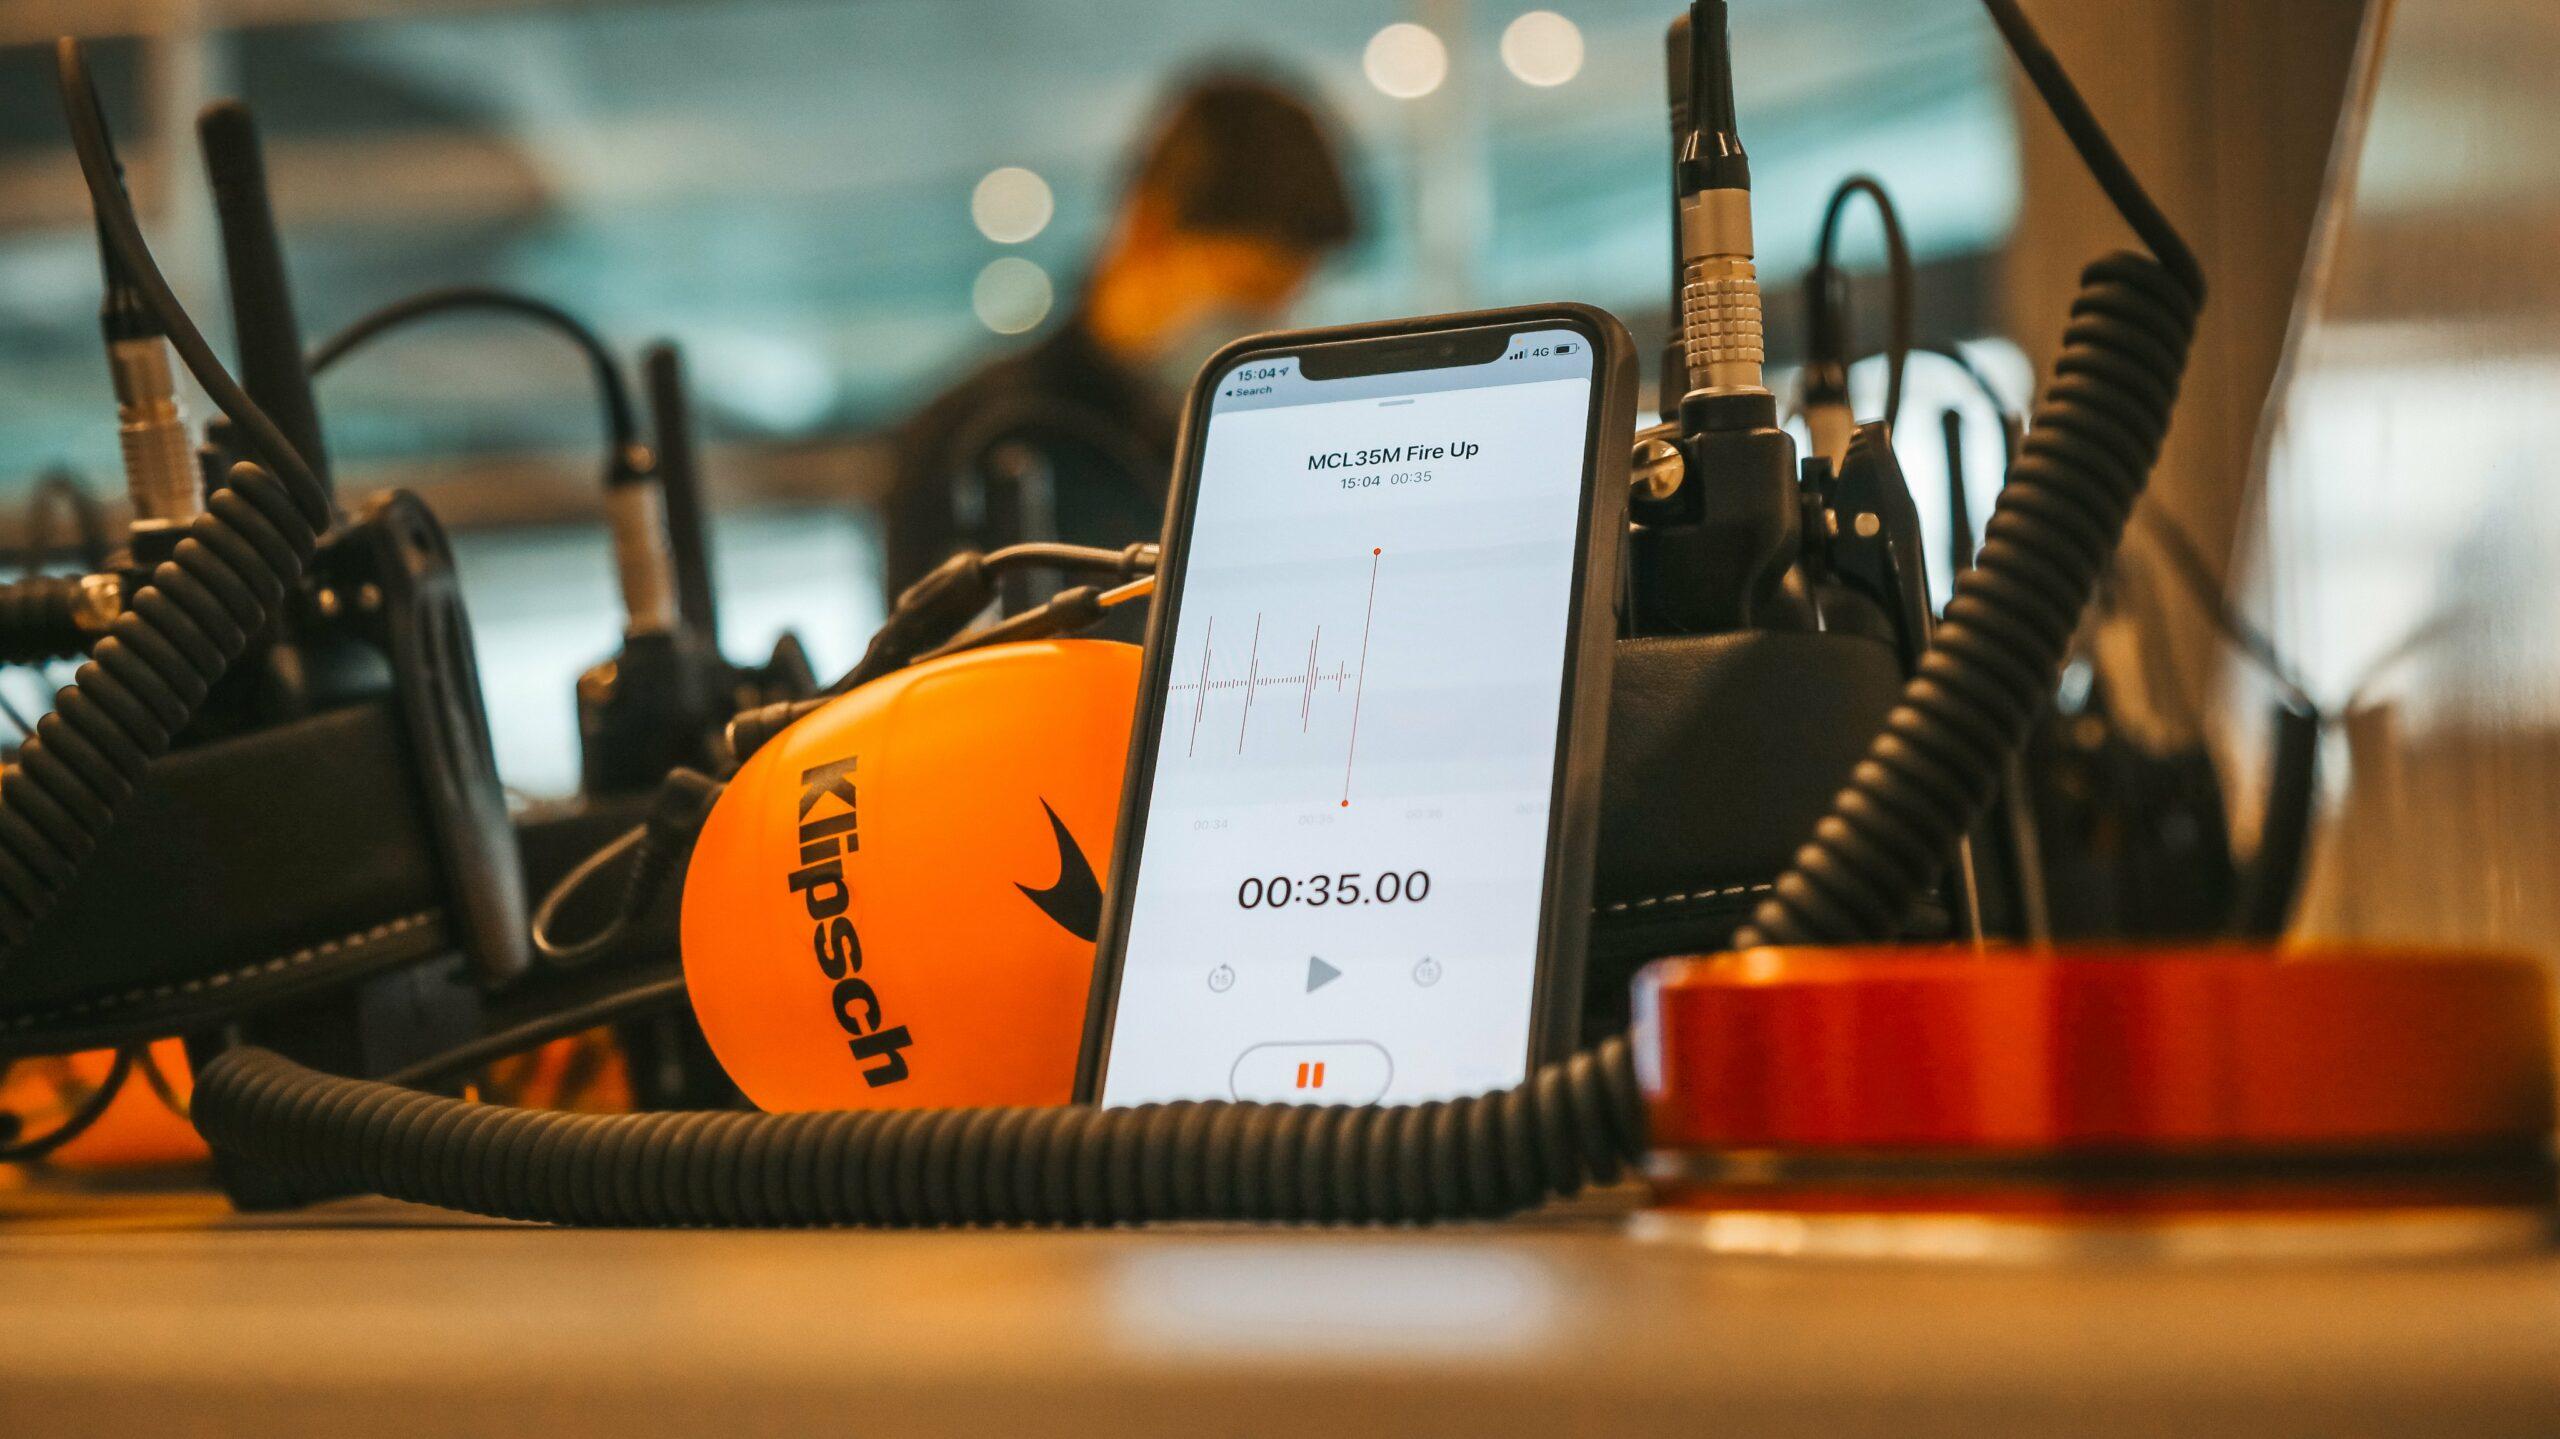 F1 - Vidéo : McLaren a démarré son moteur Mercedes